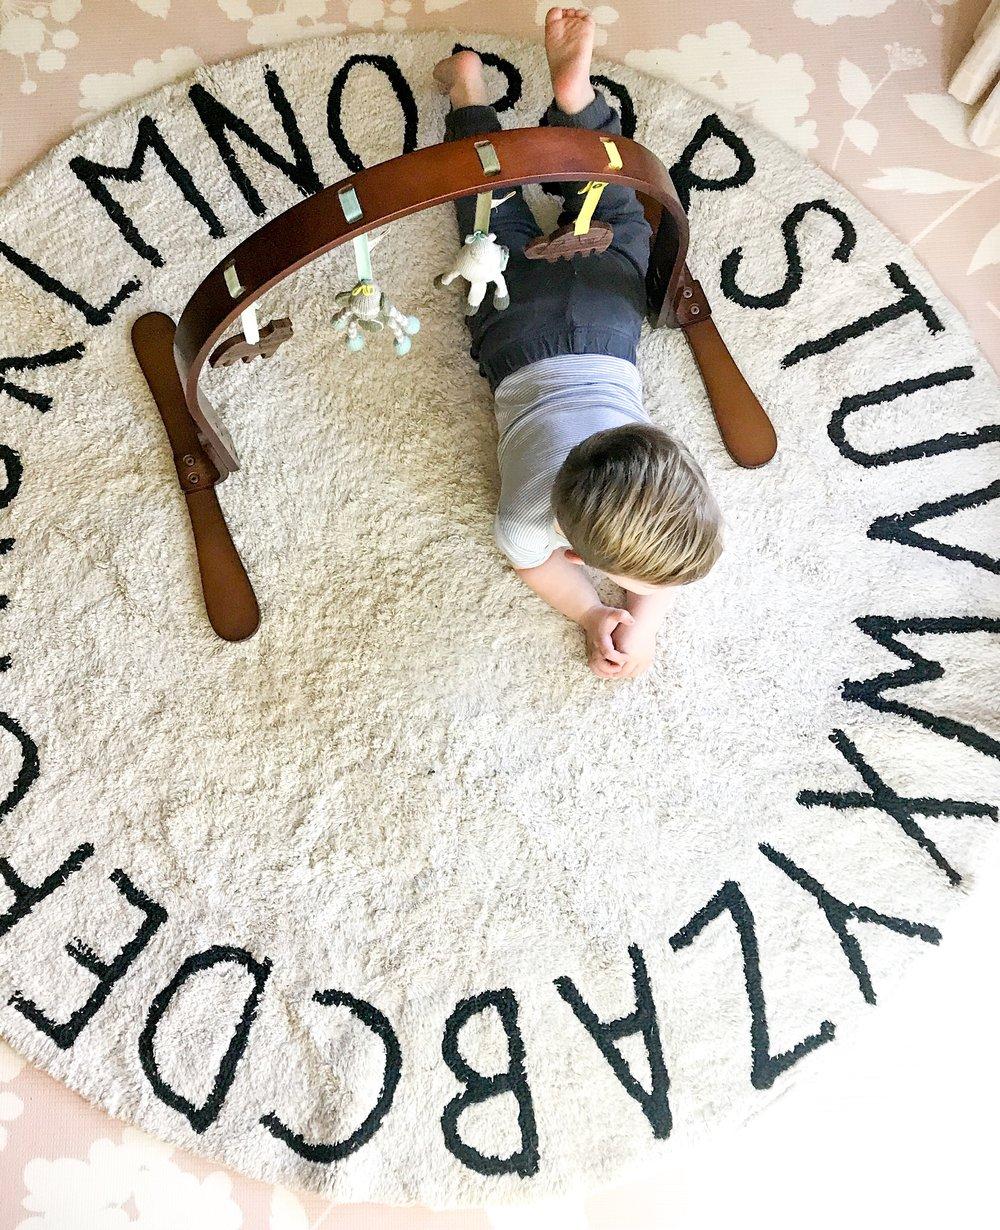 Cutest Washable Nursery and Play Room Rugs. Best children's rugs. Play room rugs. #nurseryrugs #nurserydecor #playroomrugs